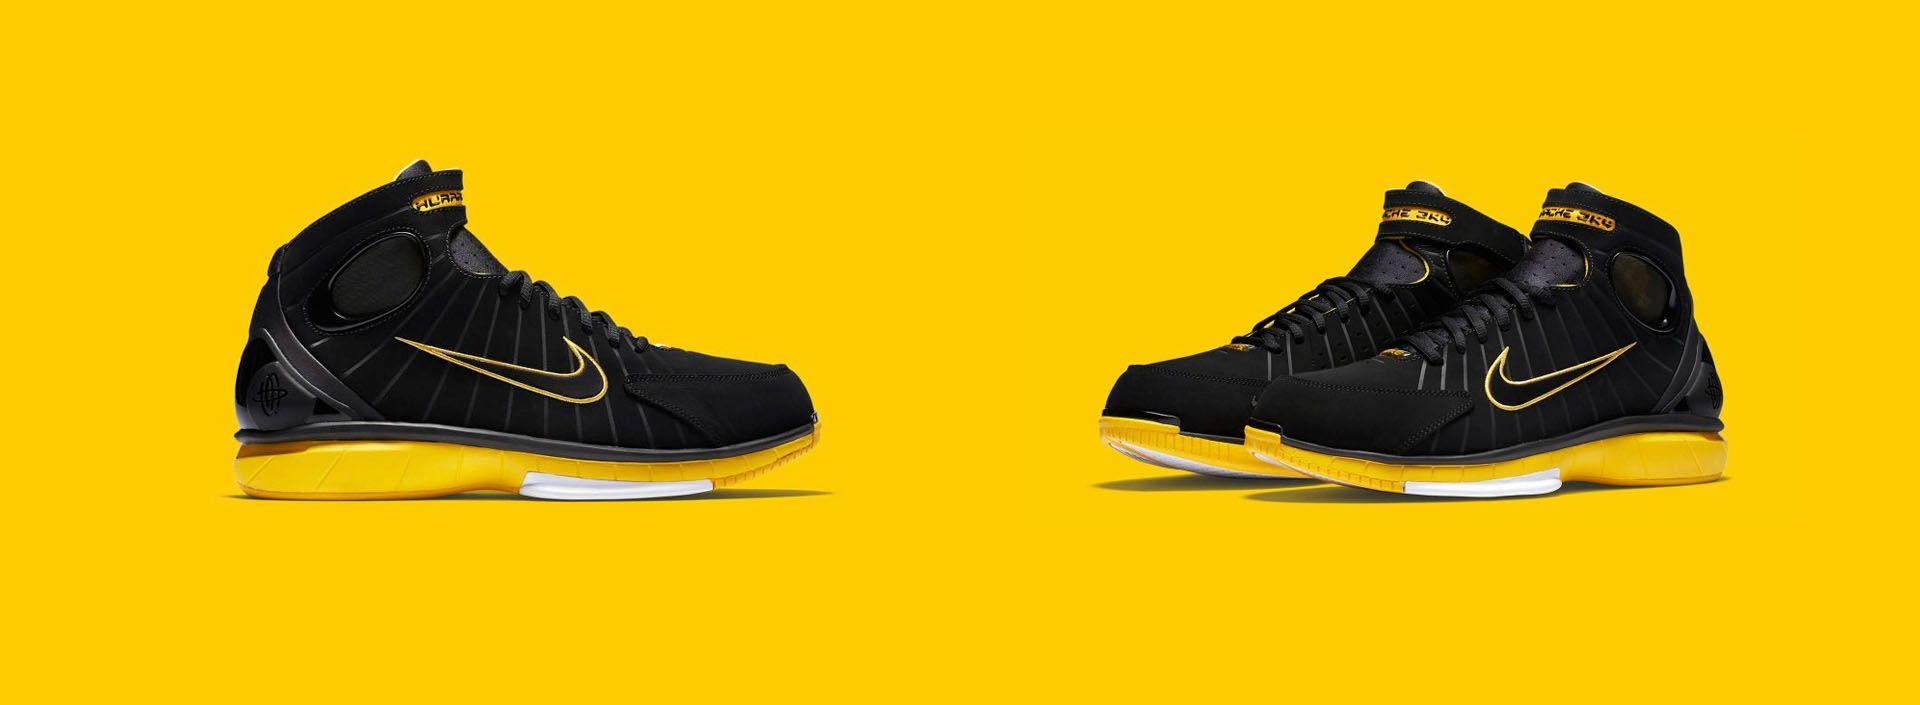 9c116537862 Korting nike sneakers en hardloopschoenen online outlet-verkoop,  authentieke en beste kwaliteit. Vind meer aanbiedingen over nike schoenen  hier.